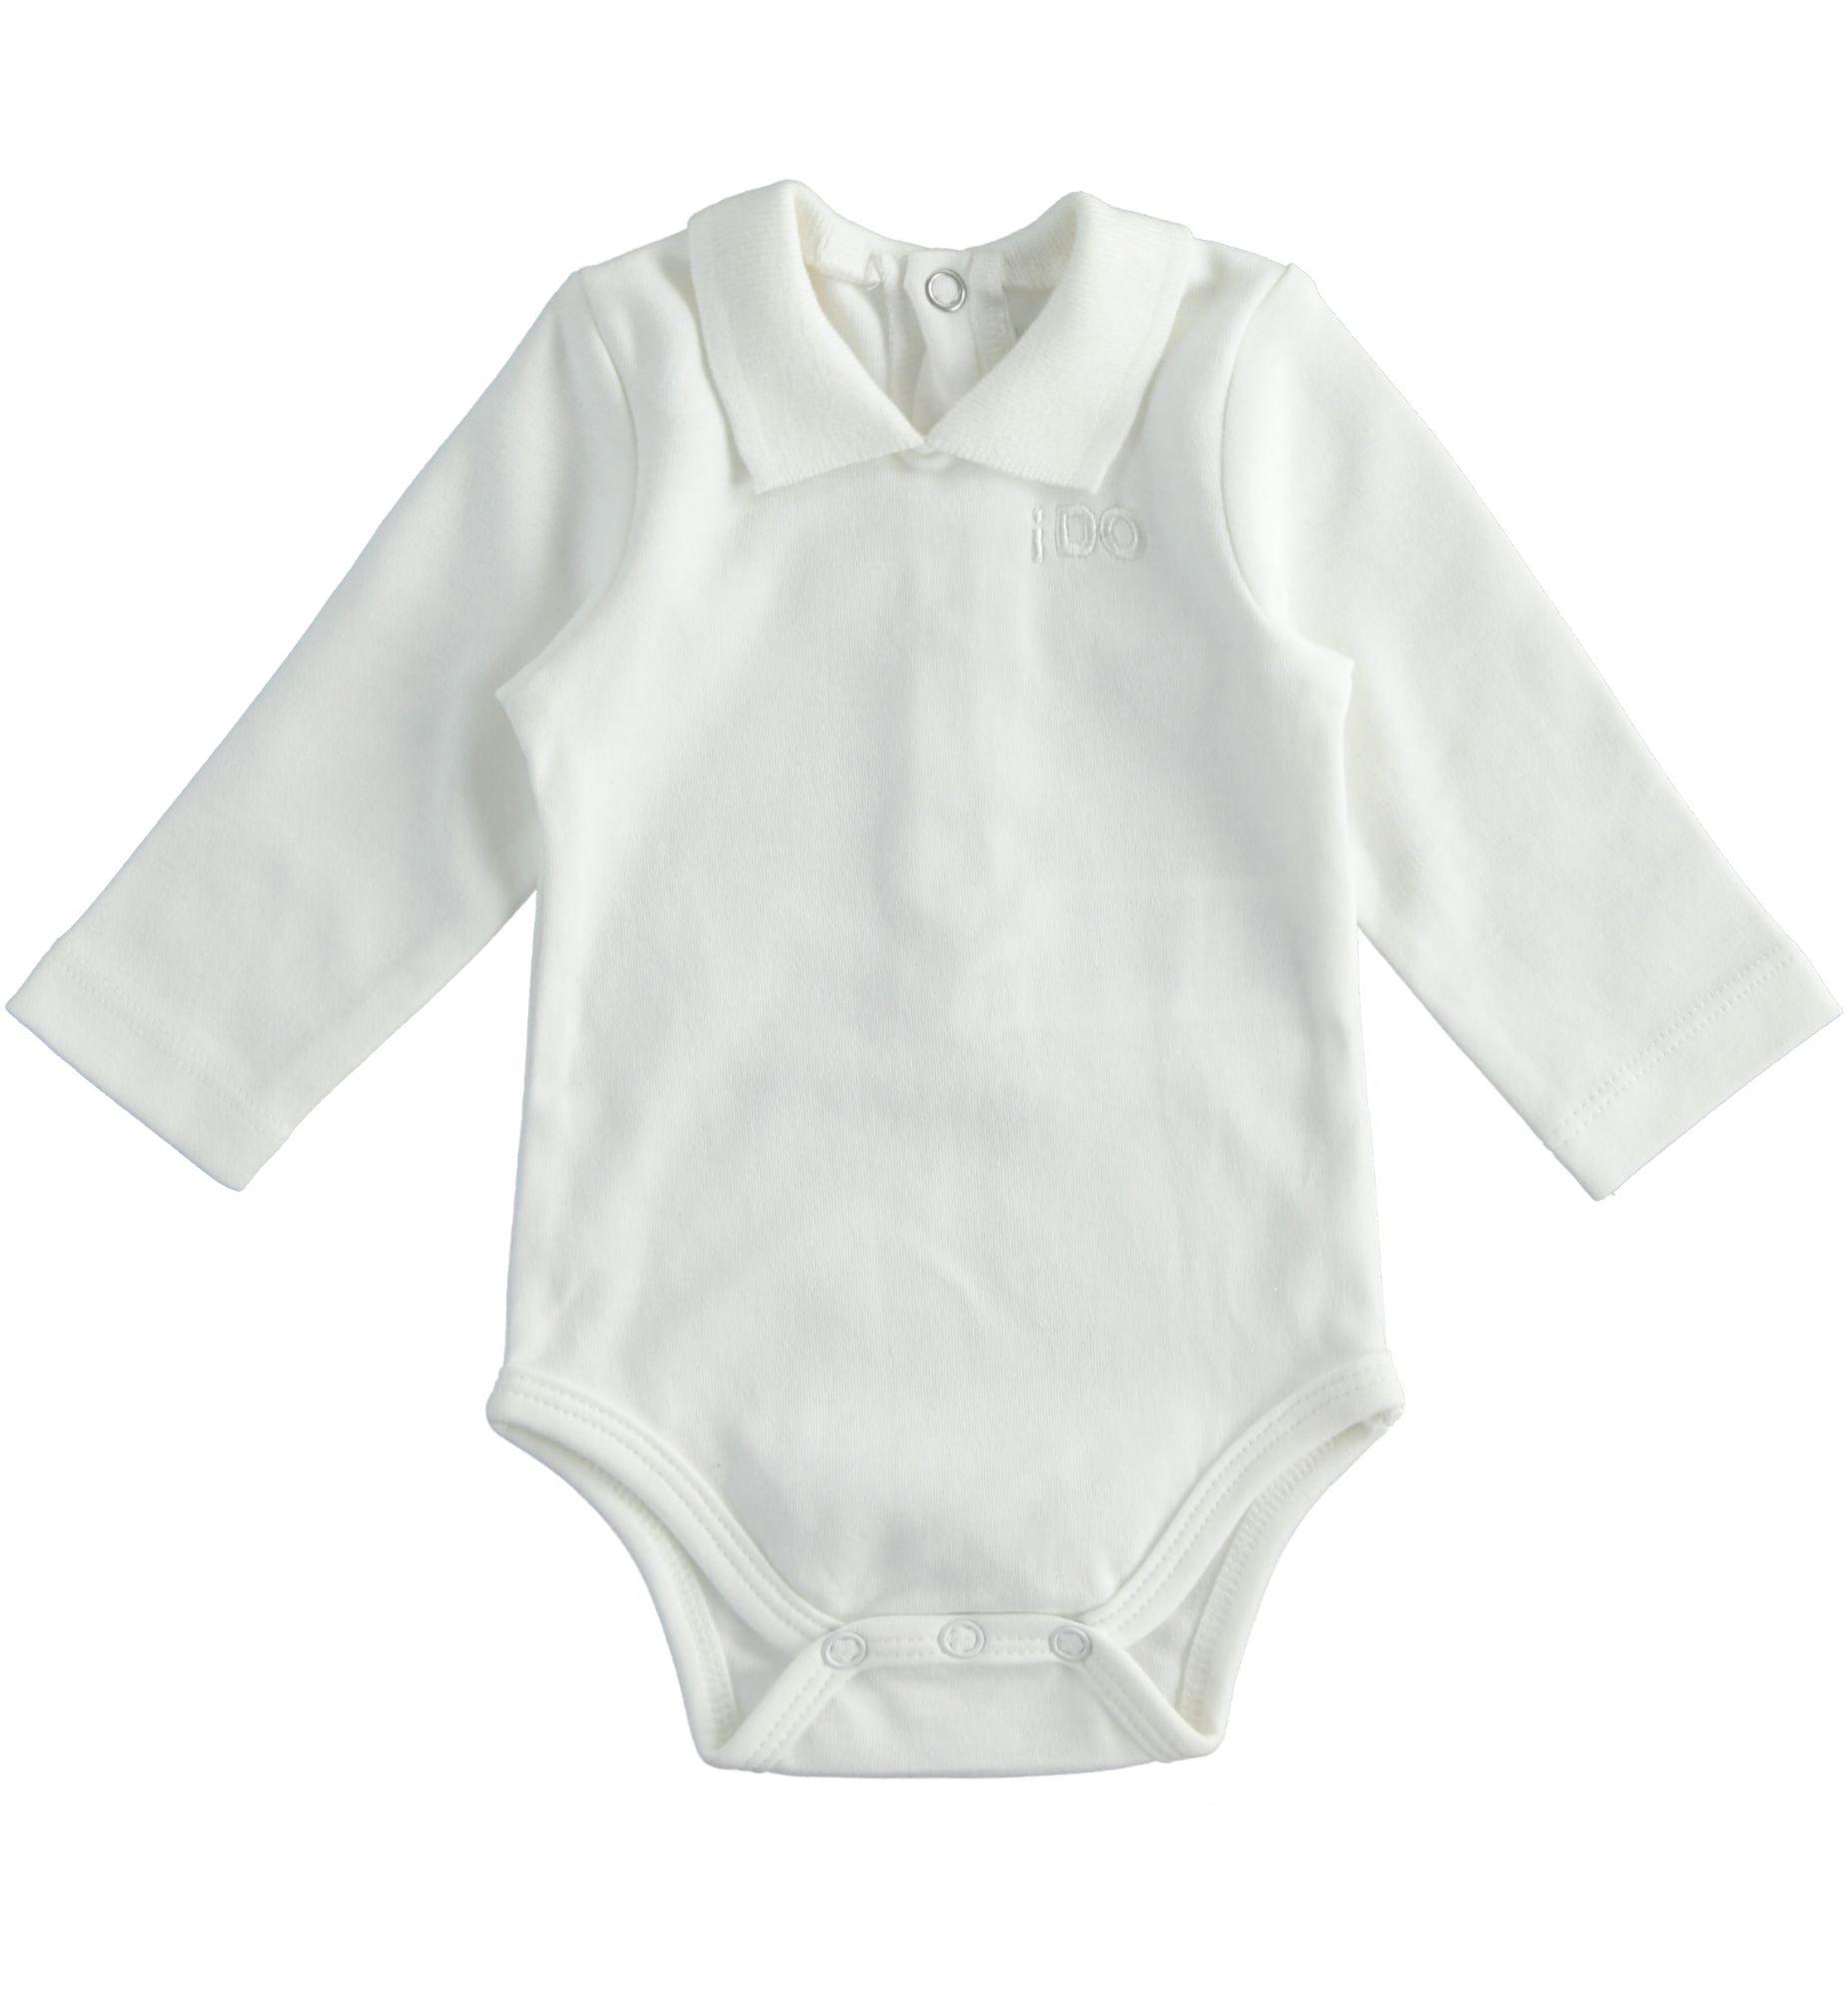 kidfiú újszülött galléros fehér body